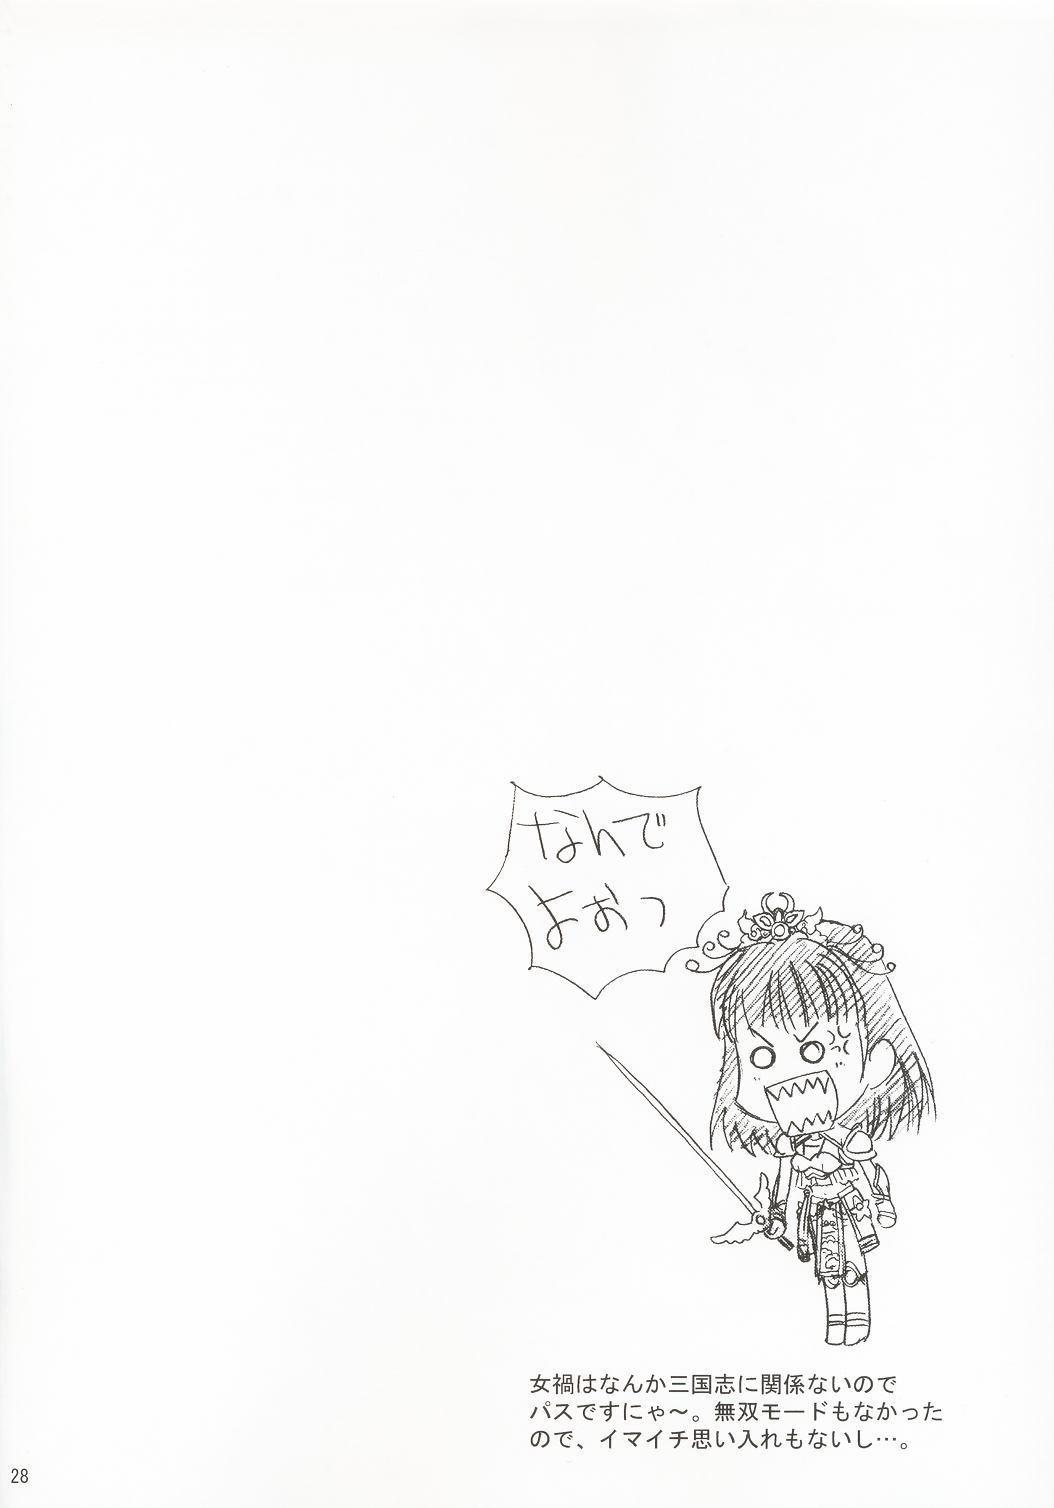 In Sangoku Musou 26